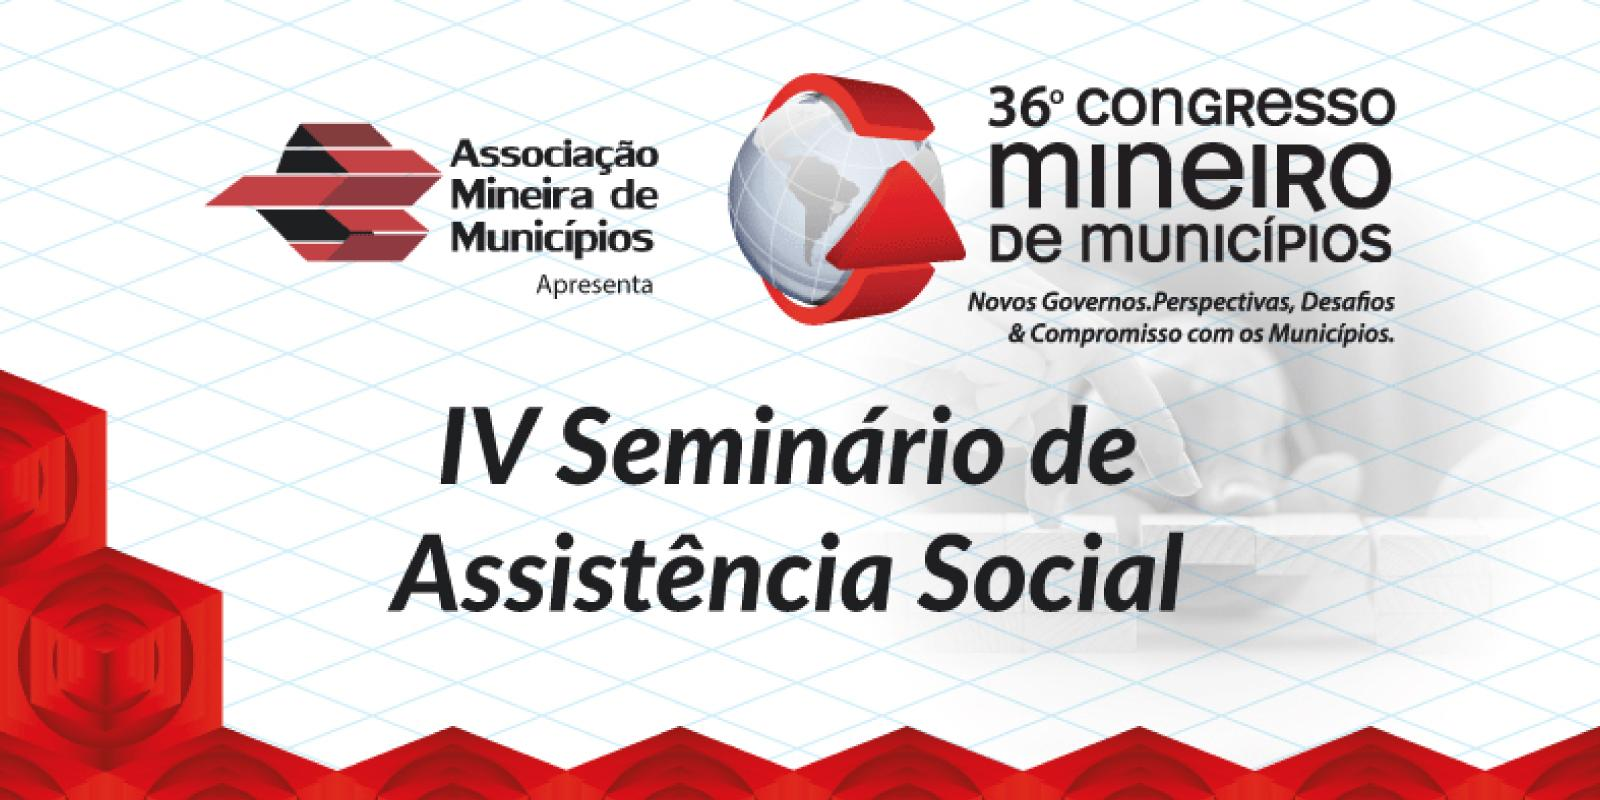 IV Seminário de Assistência Social leva reflexões sobre SUAS ao 36º Congresso Mineiro de Municípios